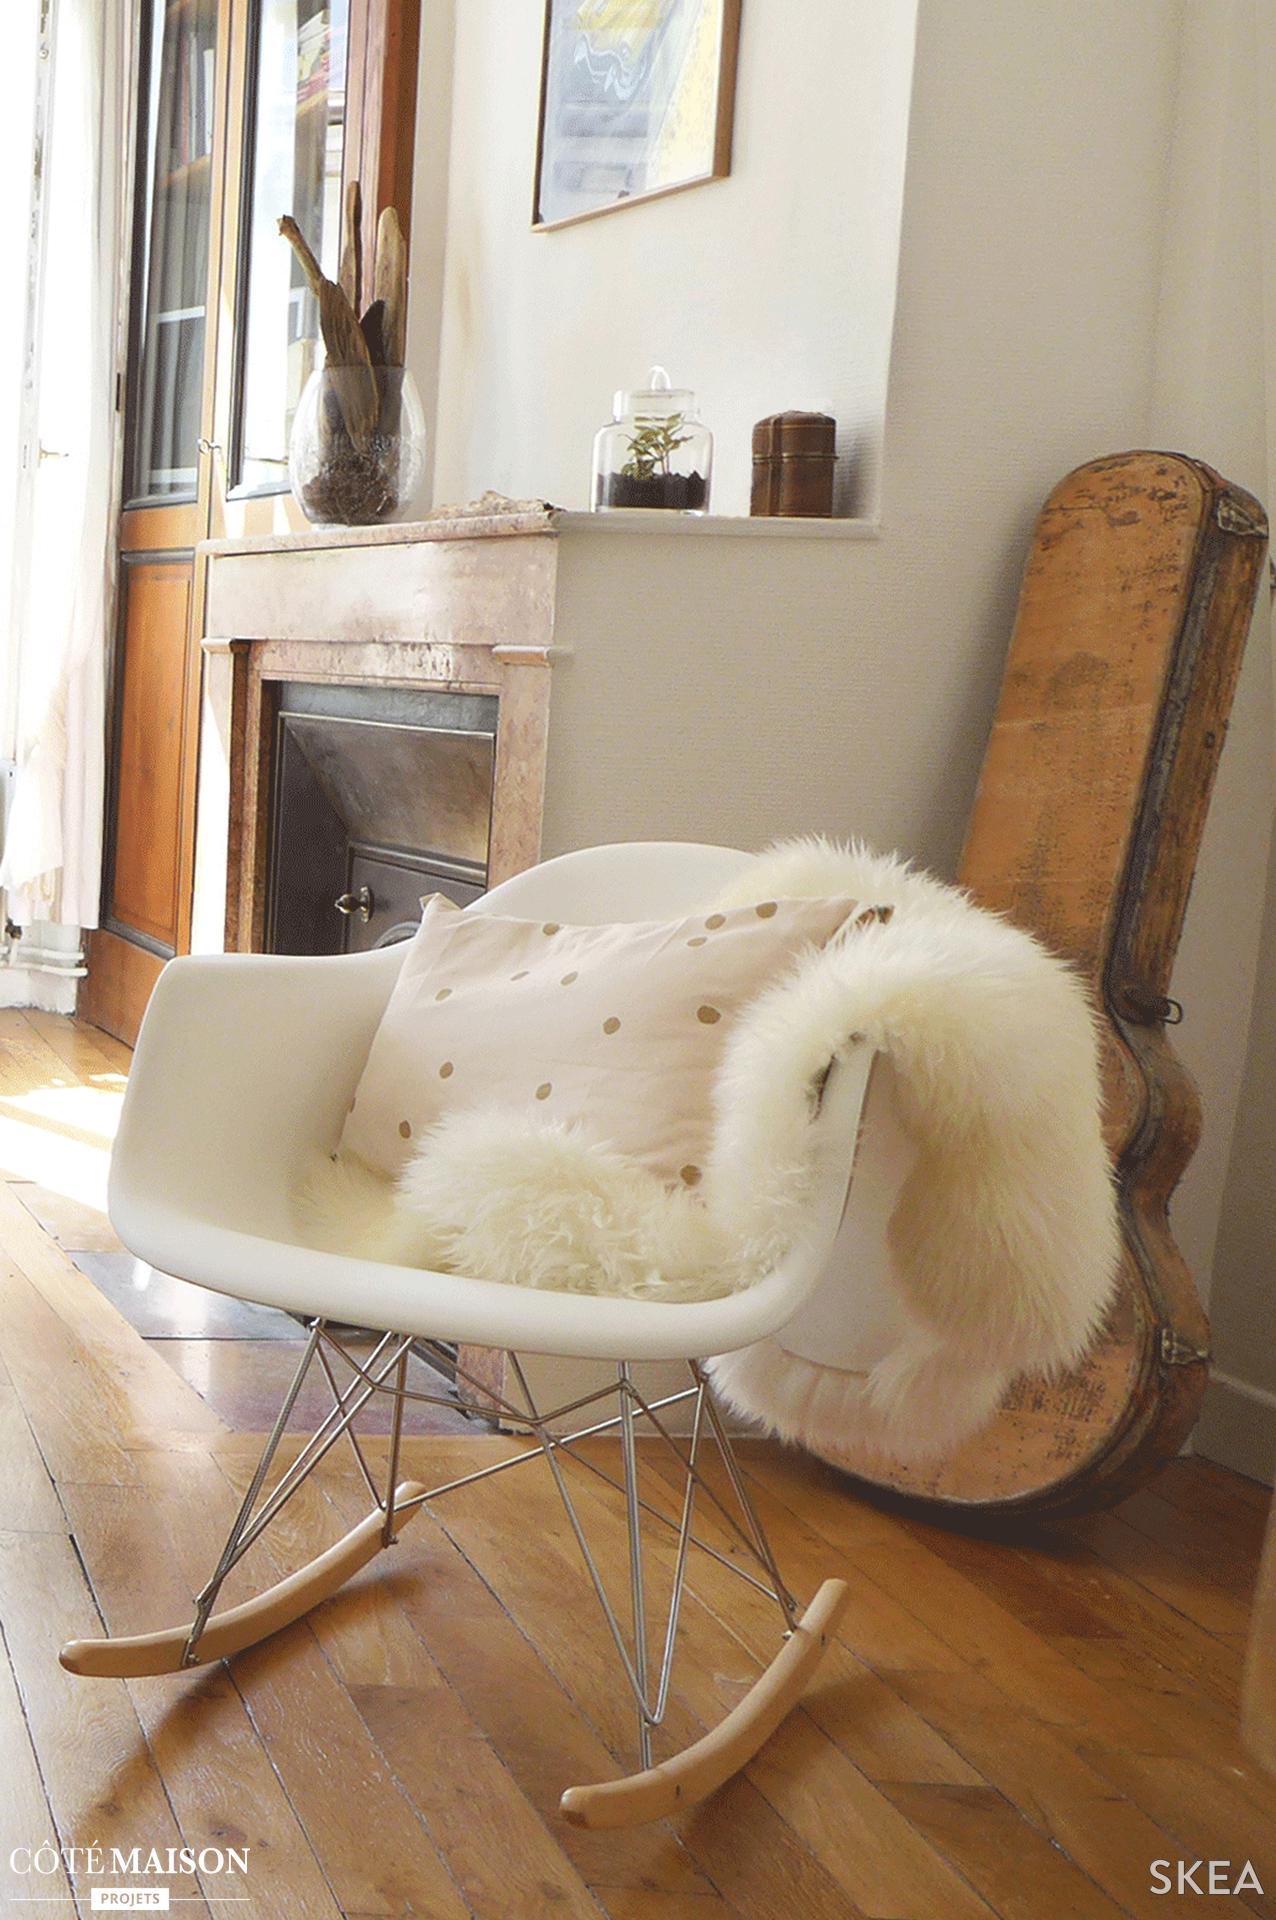 Rien De Mieux Quune Couverture Style Fourrure Pour Amener Un Esprit - Canapé convertible scandinave pour noël architecte cuisine